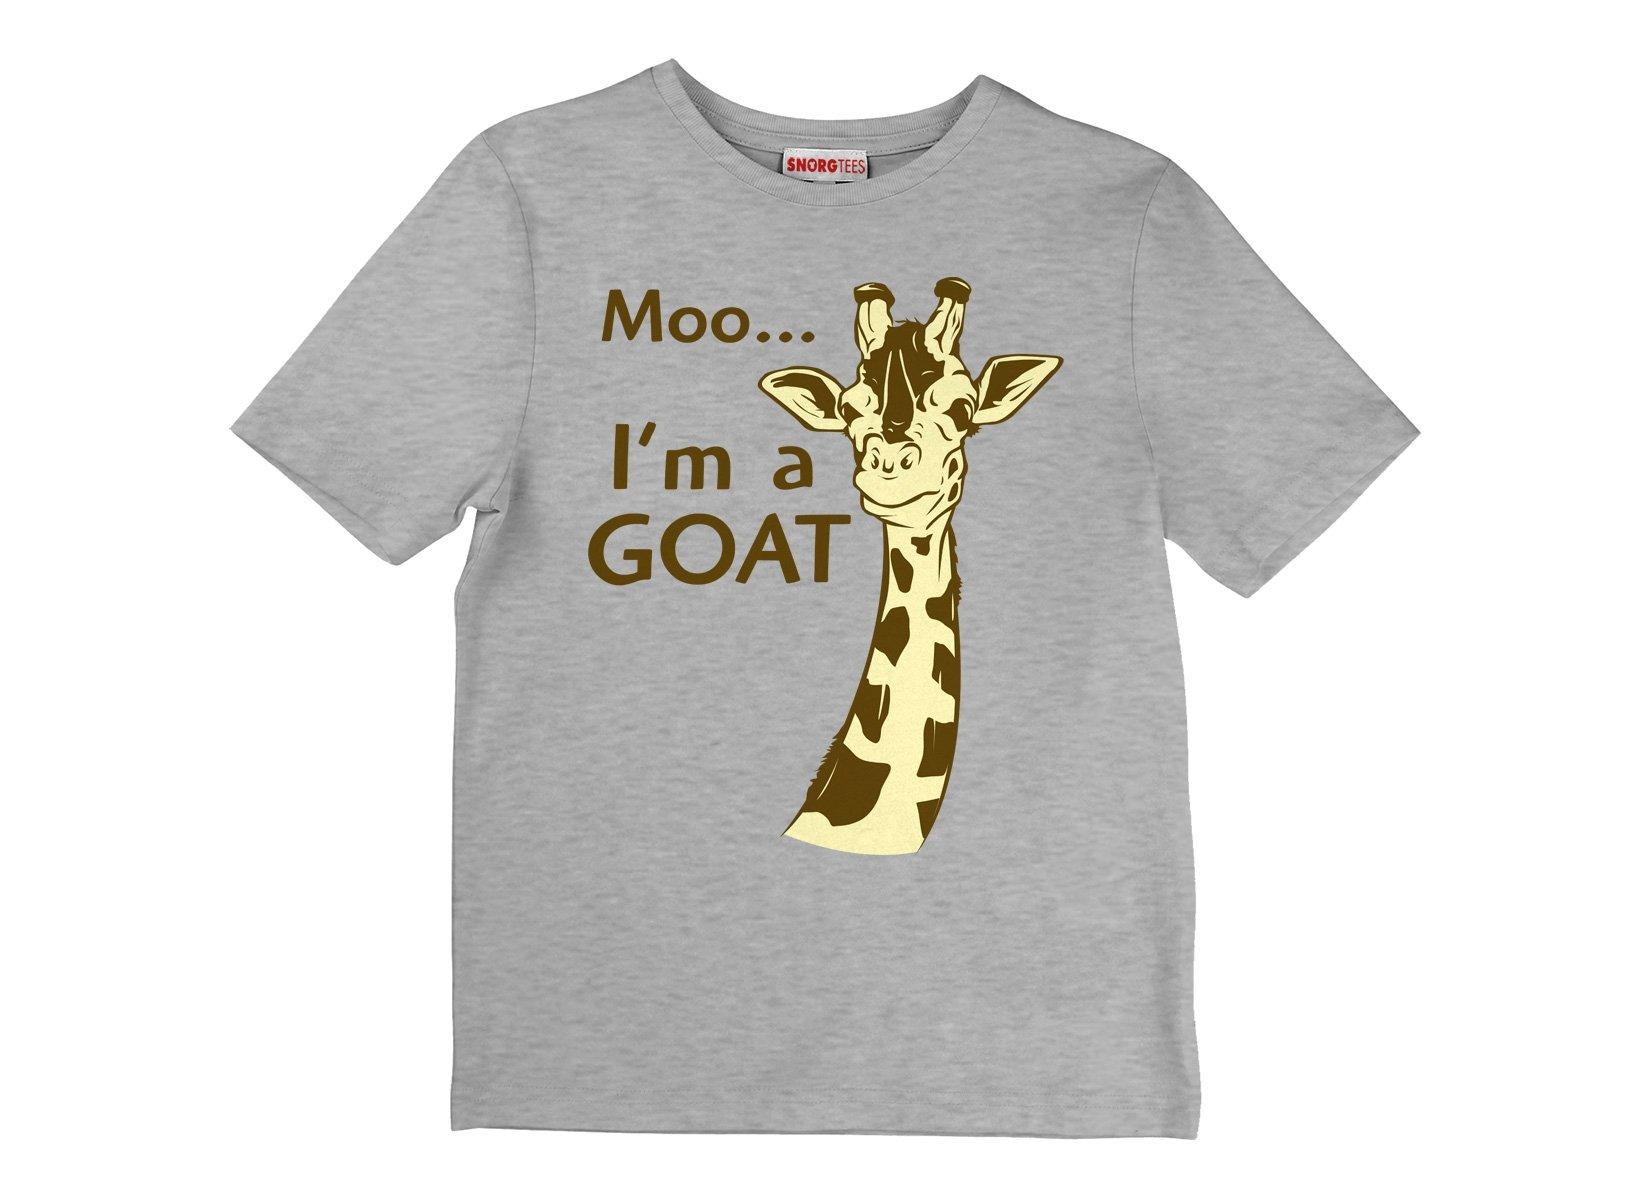 Moo, I'm A Goat on Kids T-Shirt